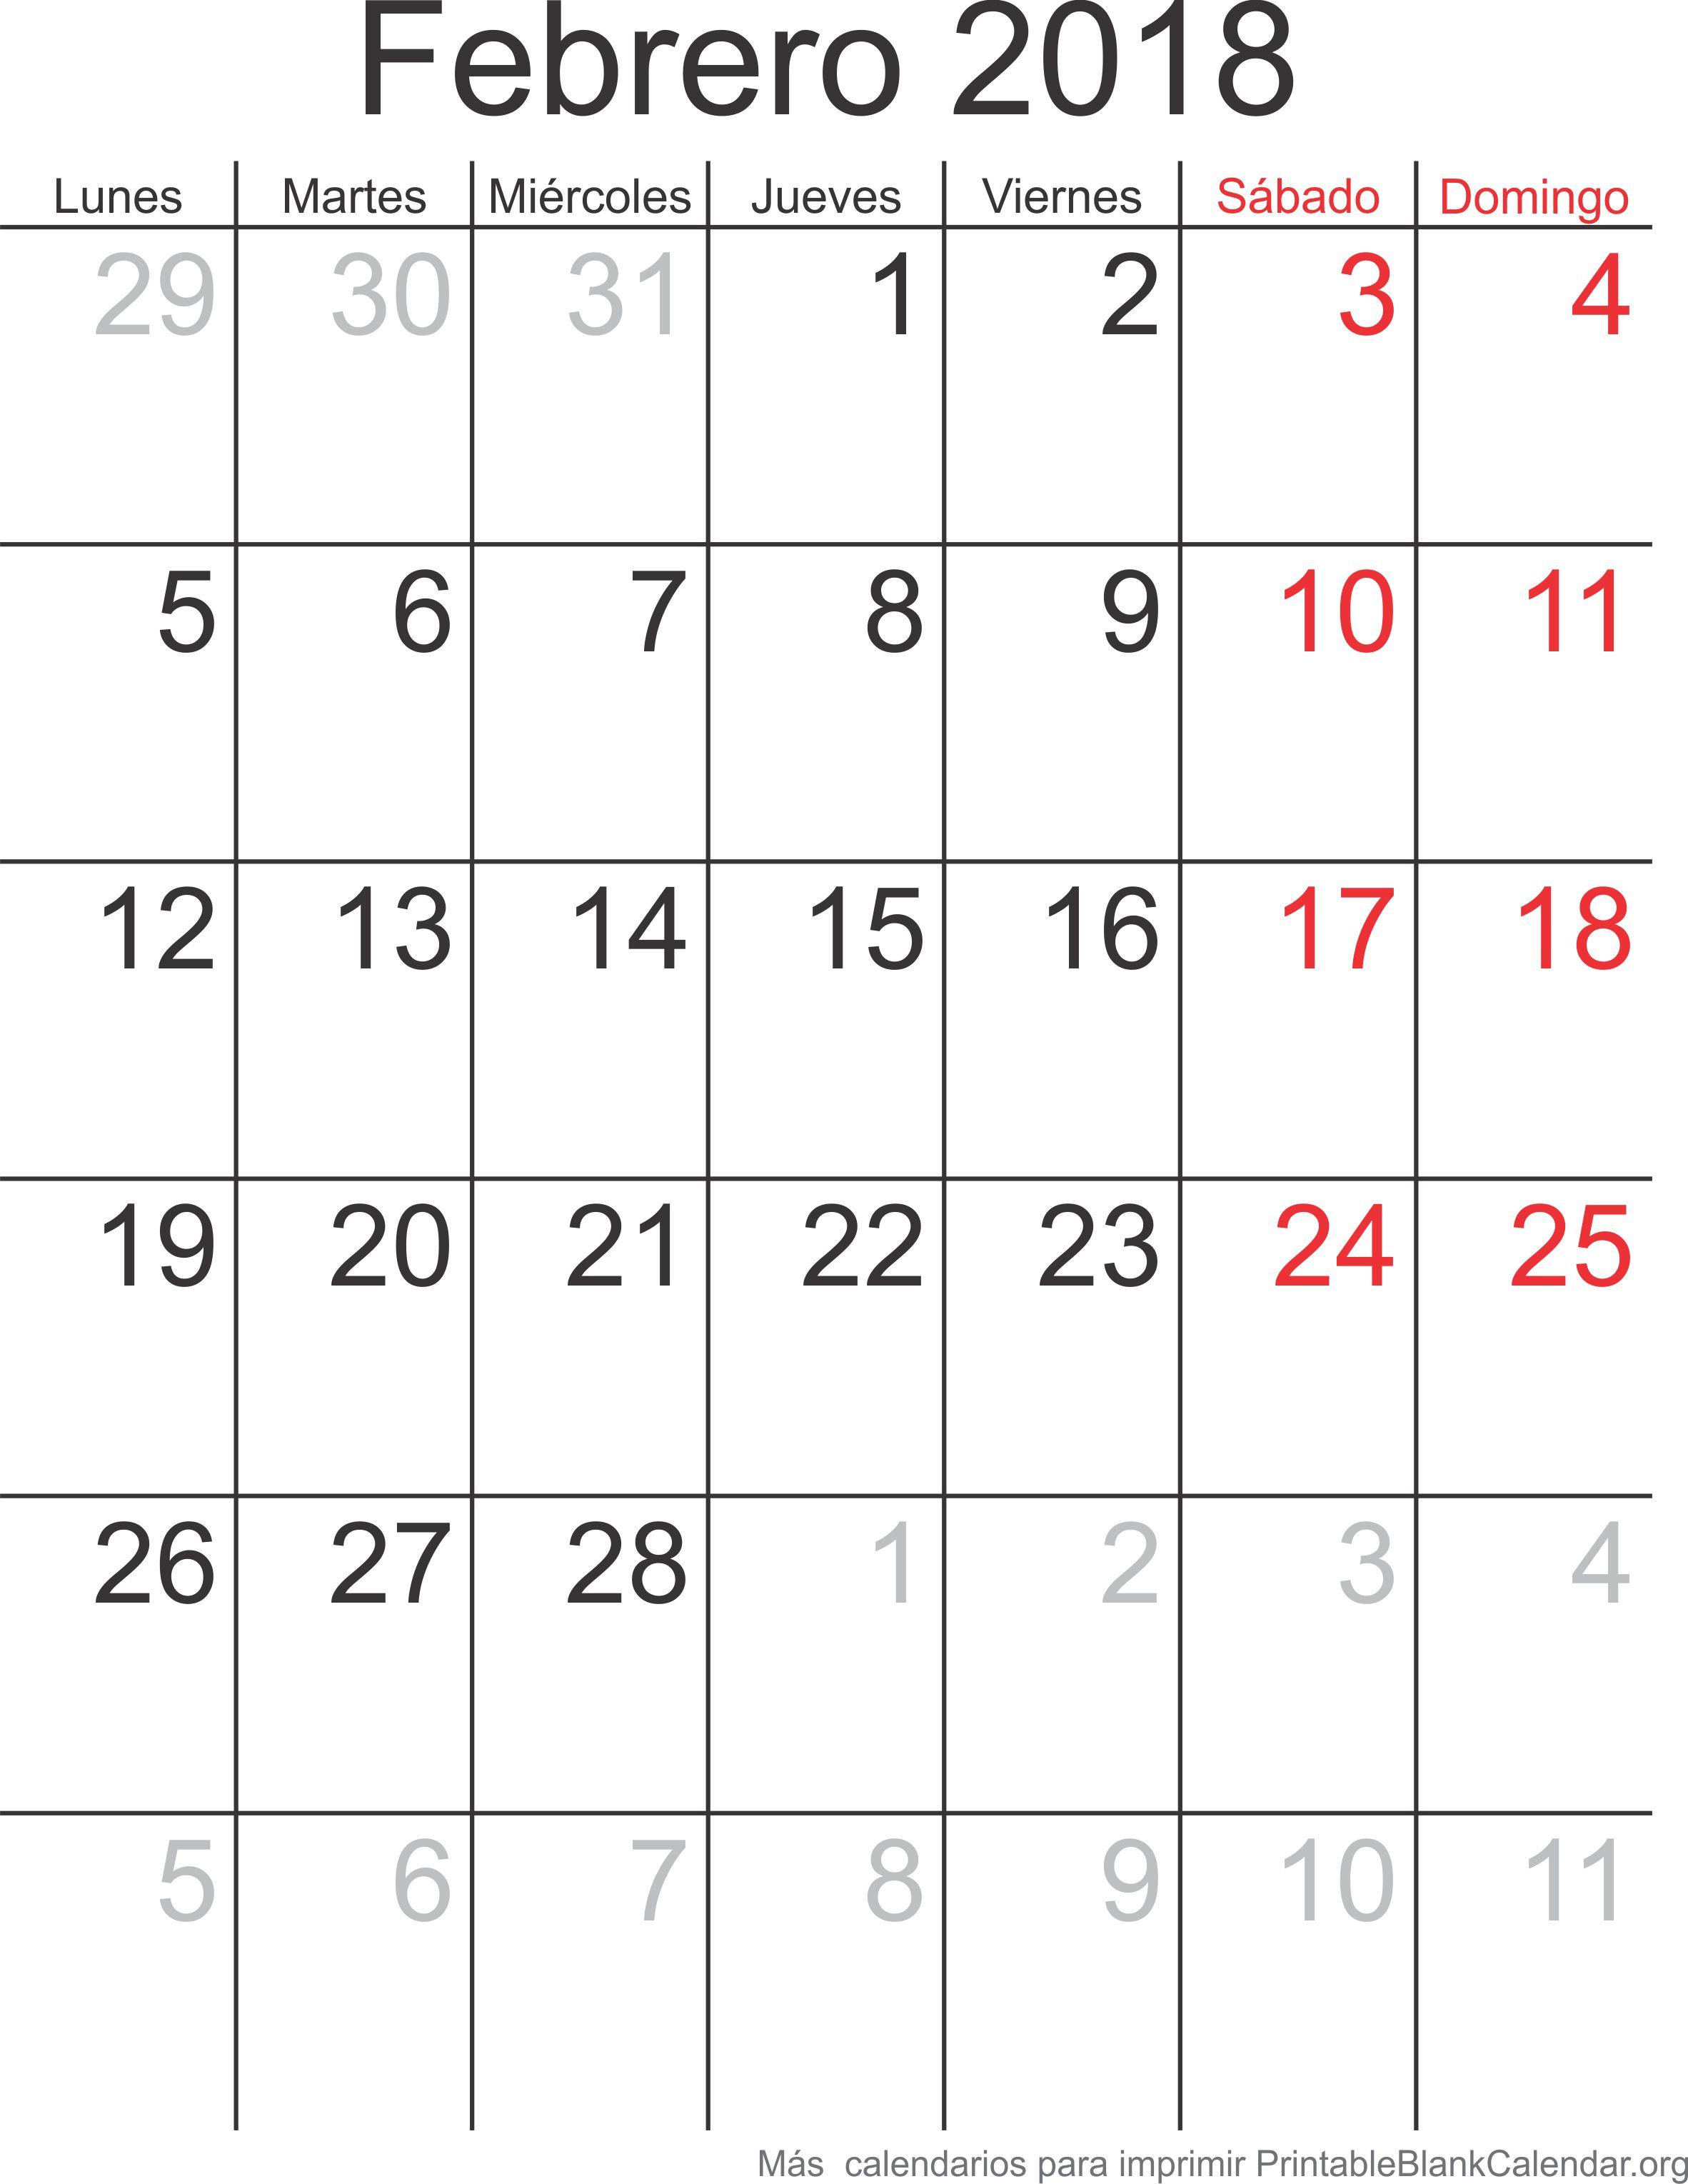 feb 2018 calendario